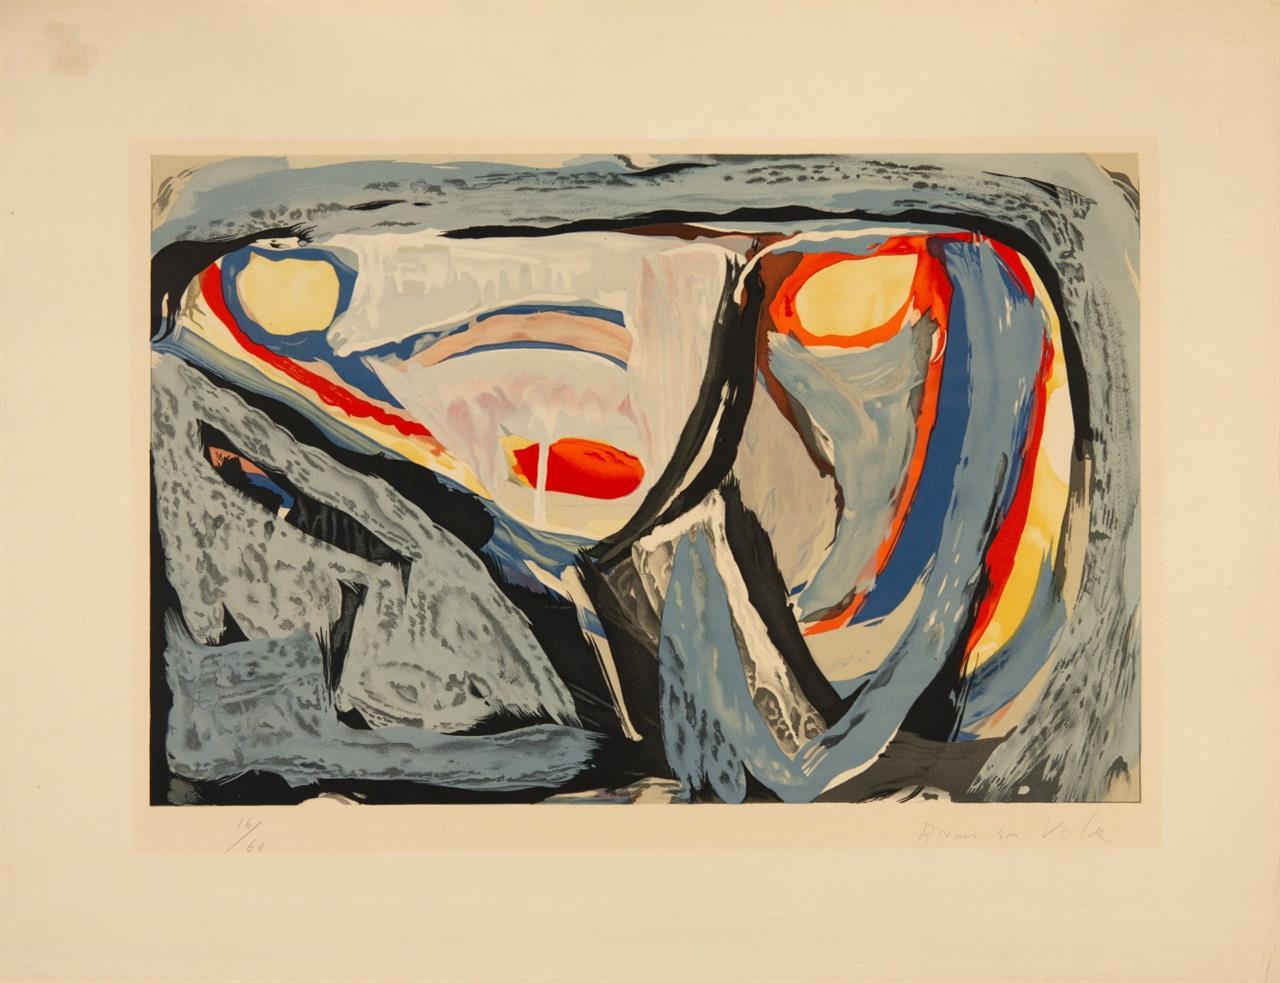 Bram van Velde. Ohne Titel. 1962. Farblithographie. Signiert. Ex. 16/60. Rivière 14.